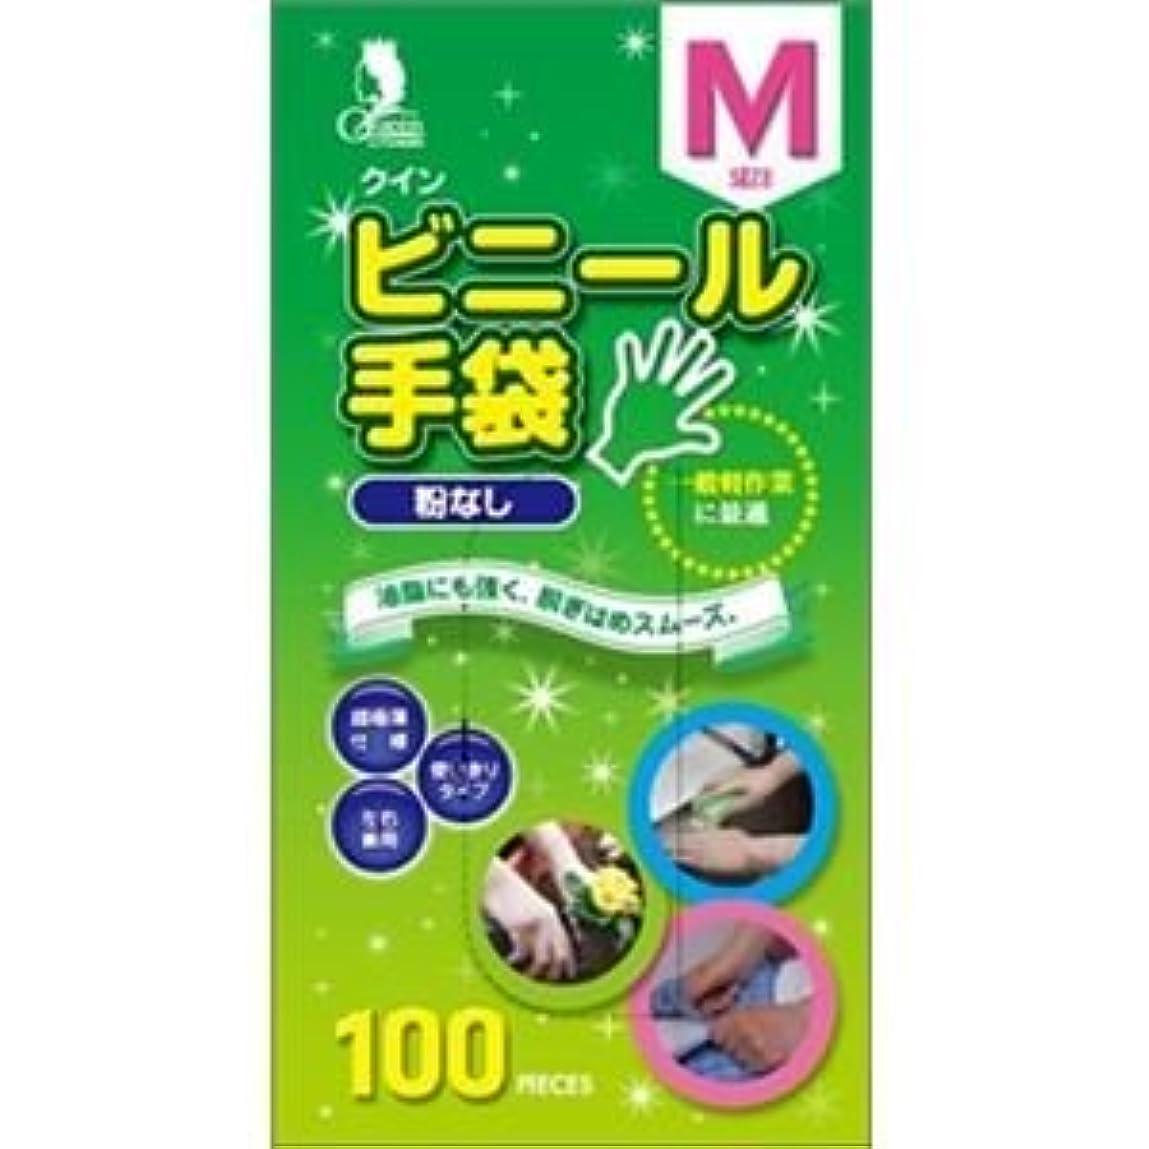 不忠偽応援する(まとめ)宇都宮製作 クインビニール手袋100枚入 M (N) 【×3点セット】